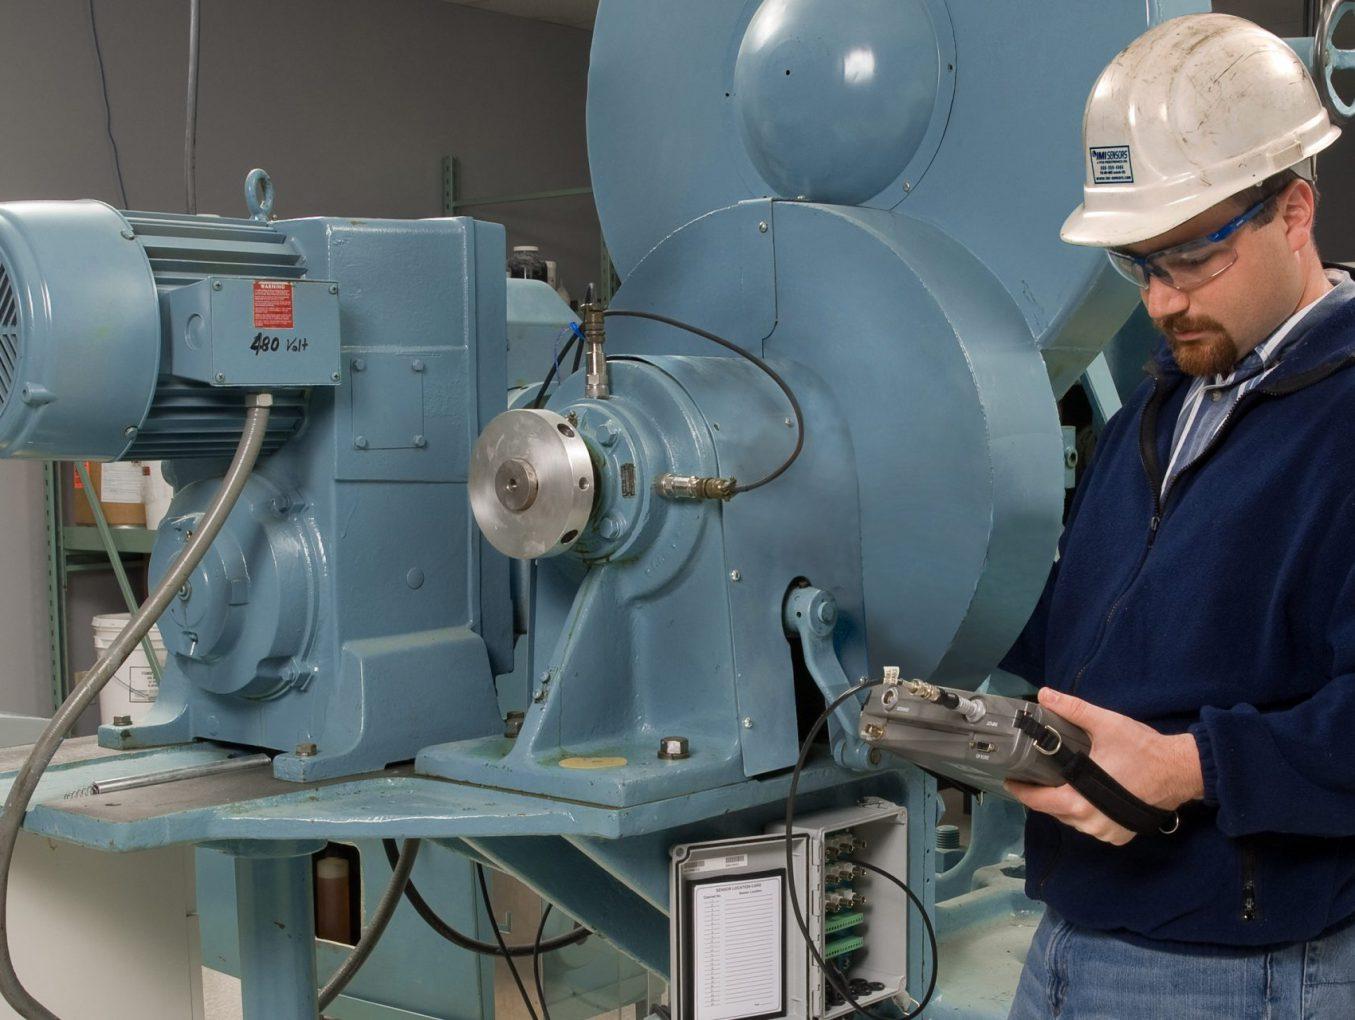 บทความ ความสั่นสะเทือนในงานอุตสาหกรรม  (Vibration in Industries)